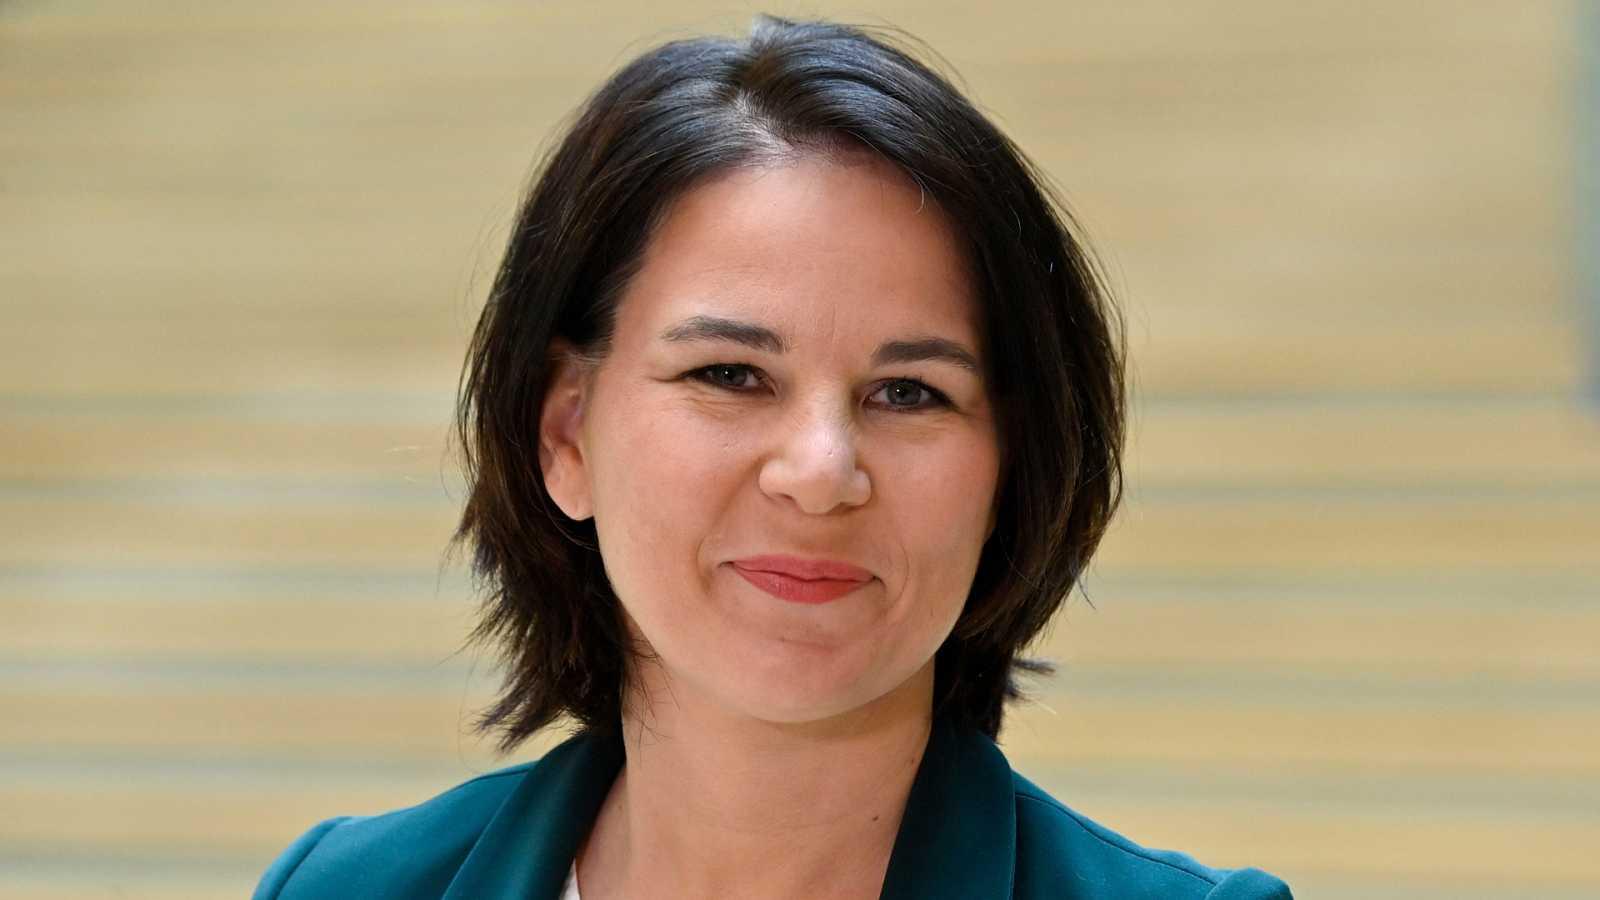 Europa abierta - Annalena Baerbock, ¿una nueva canciller verde para Alemania? - escuchar ahora